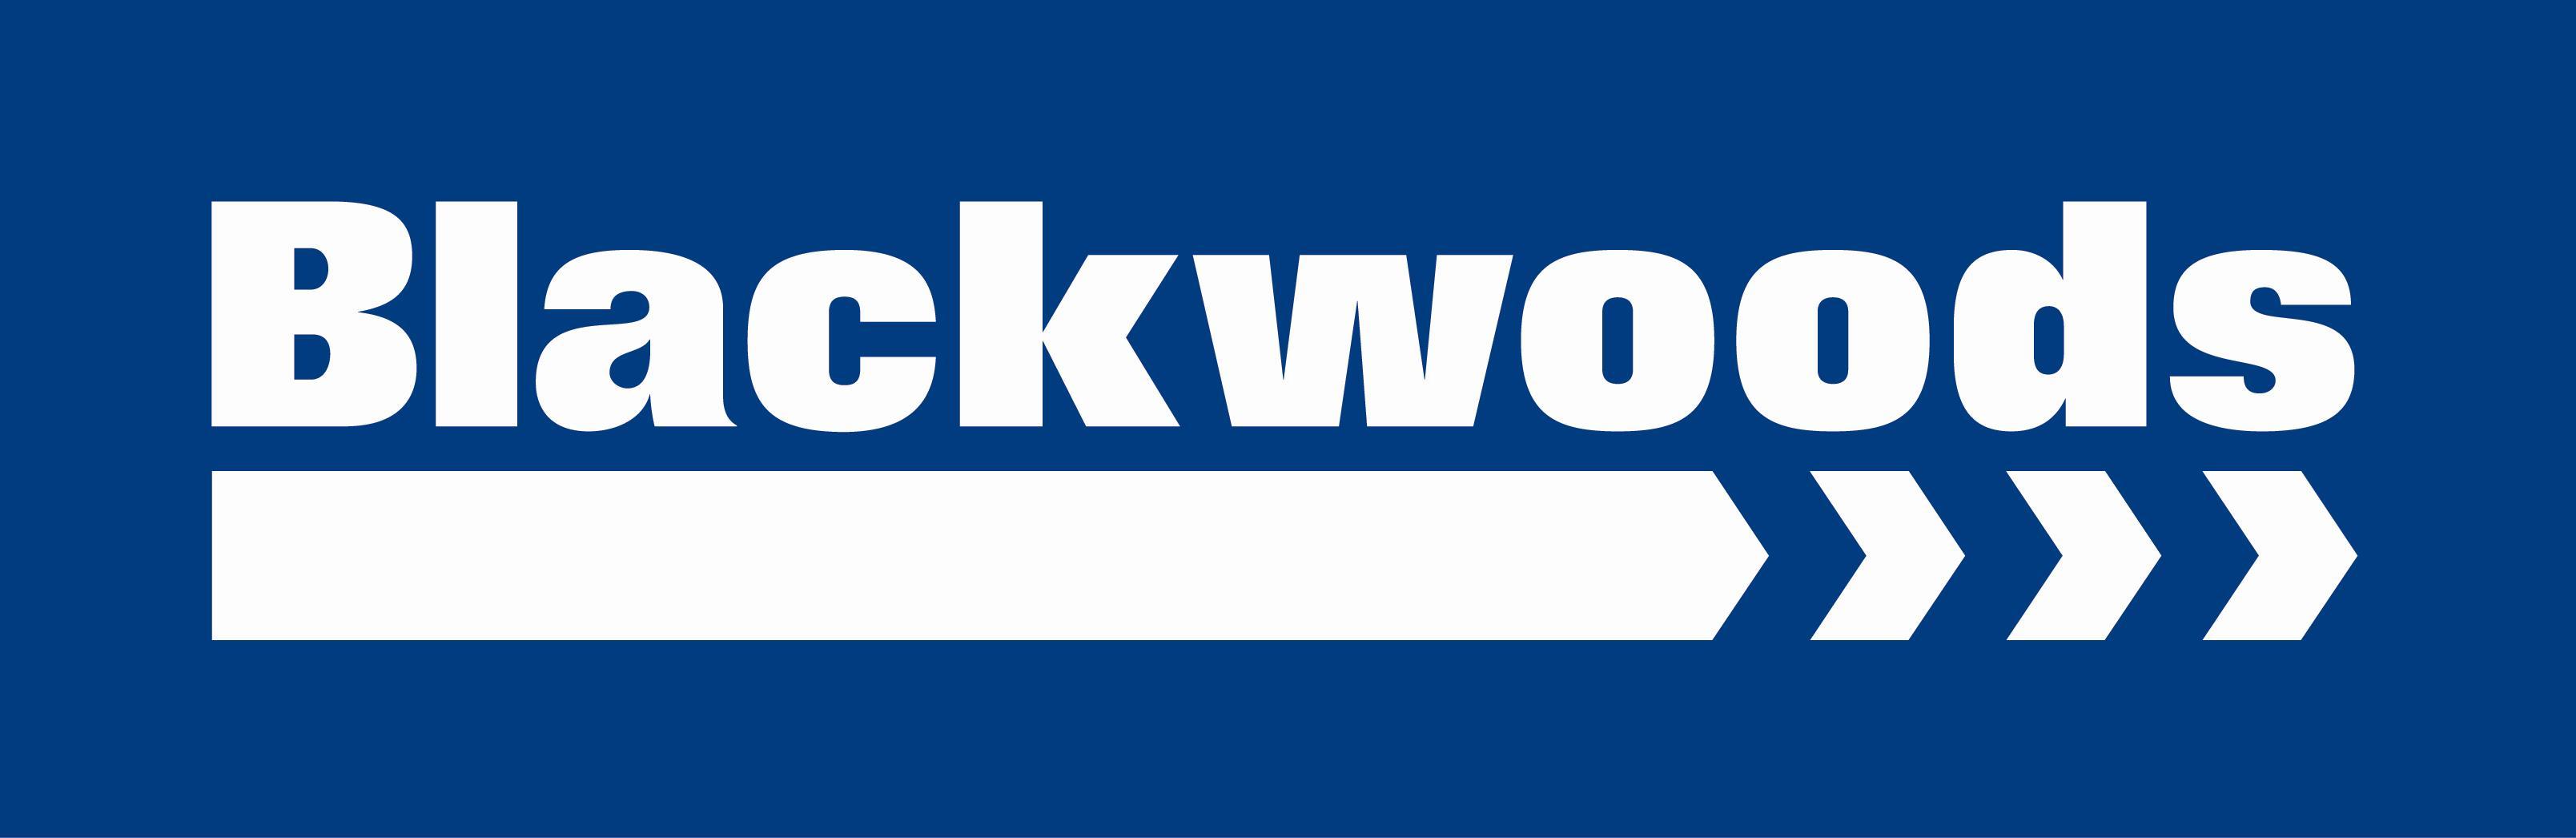 Blackwoods Logo S Tech Holdings